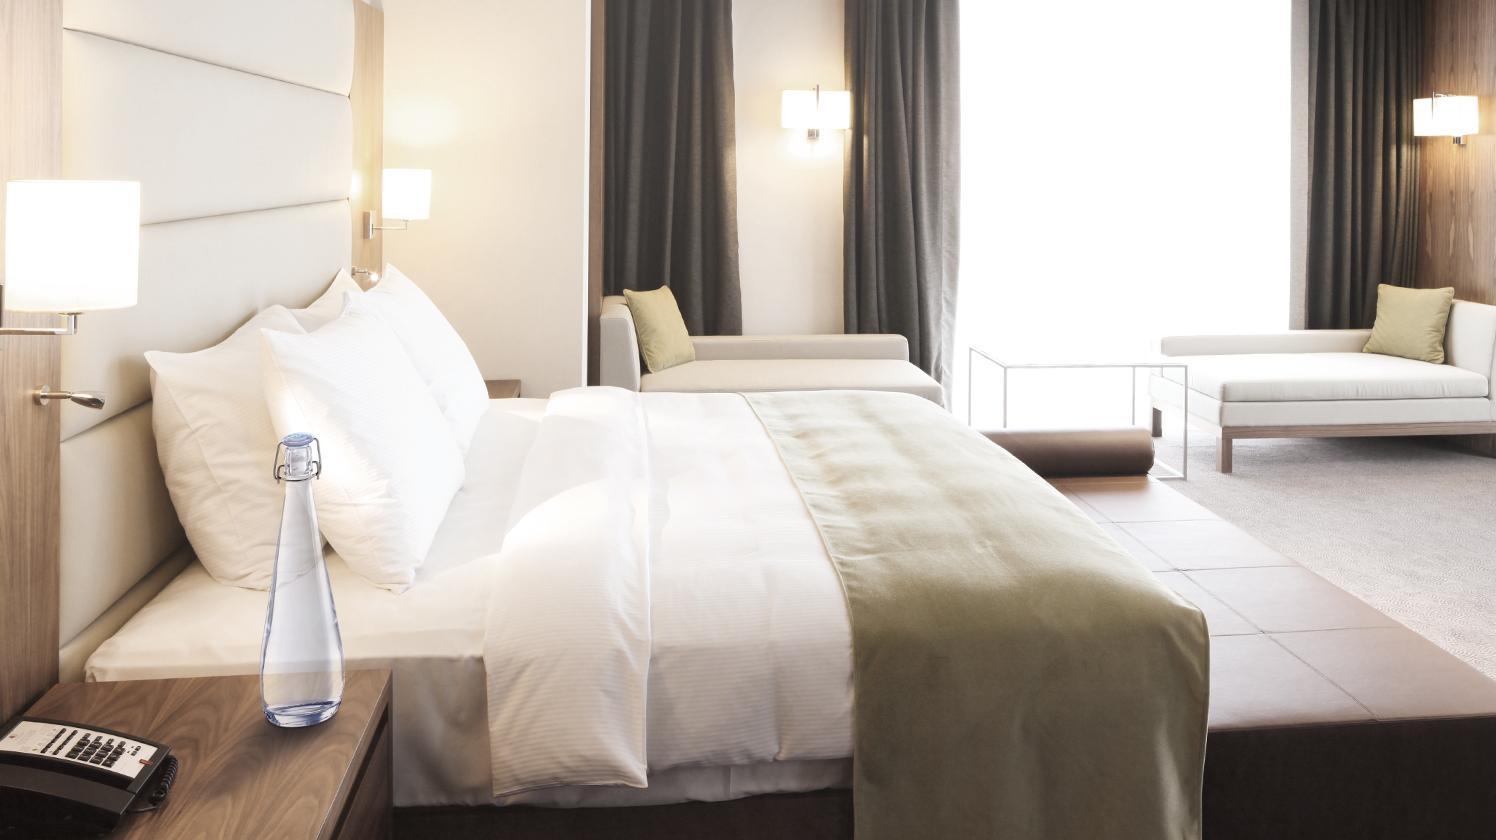 BRITA Wasserspender für Restaurants – Hotelzimmer